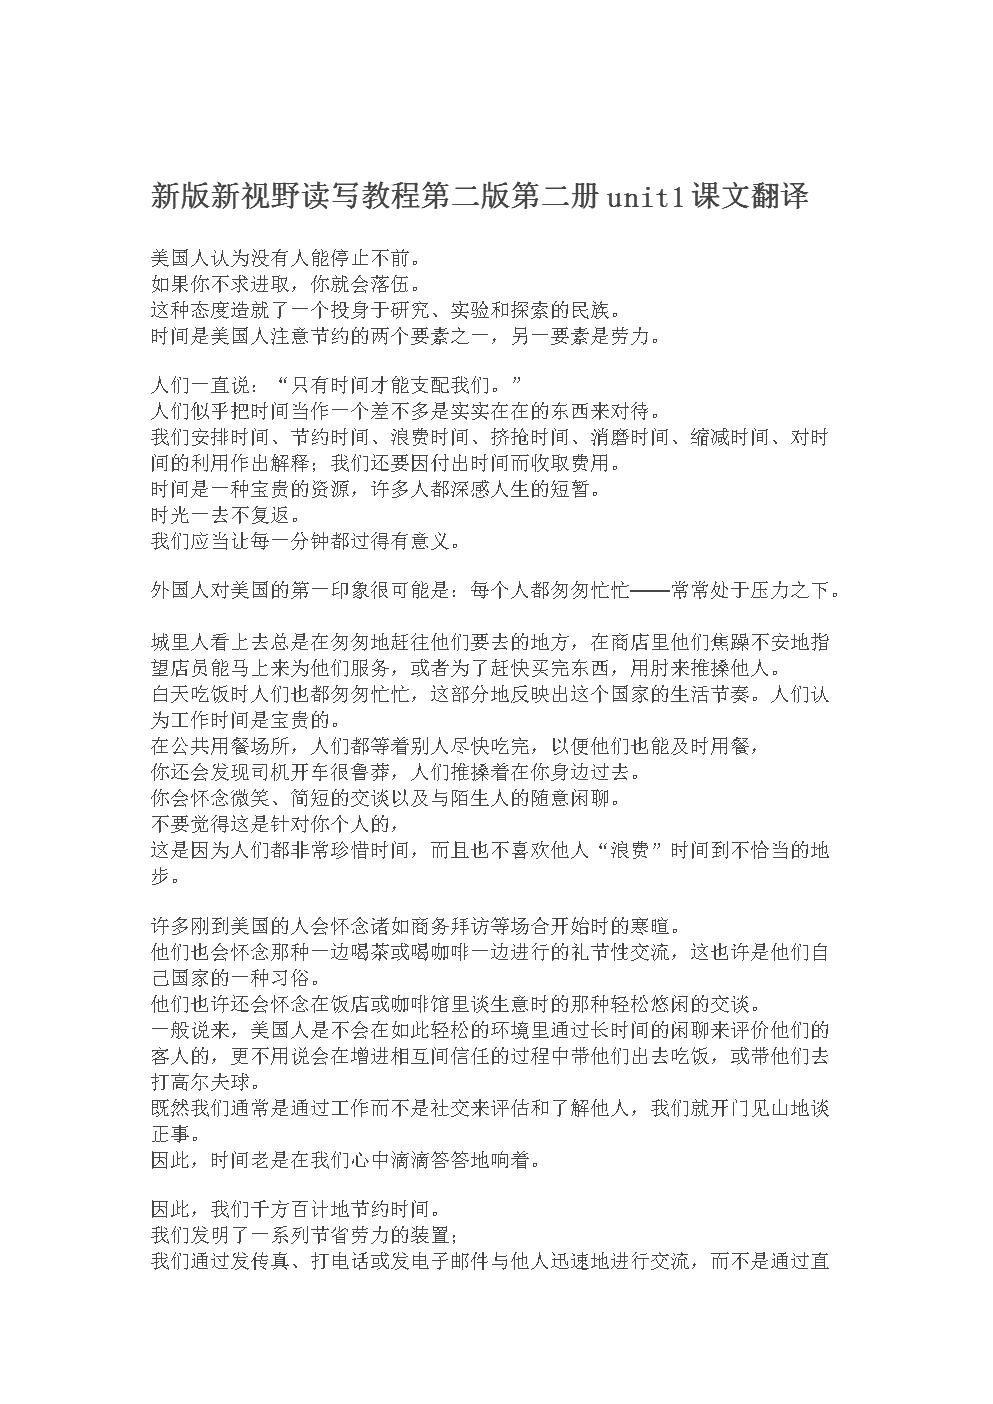 新视野大学英语2读写教程课文翻译.doc